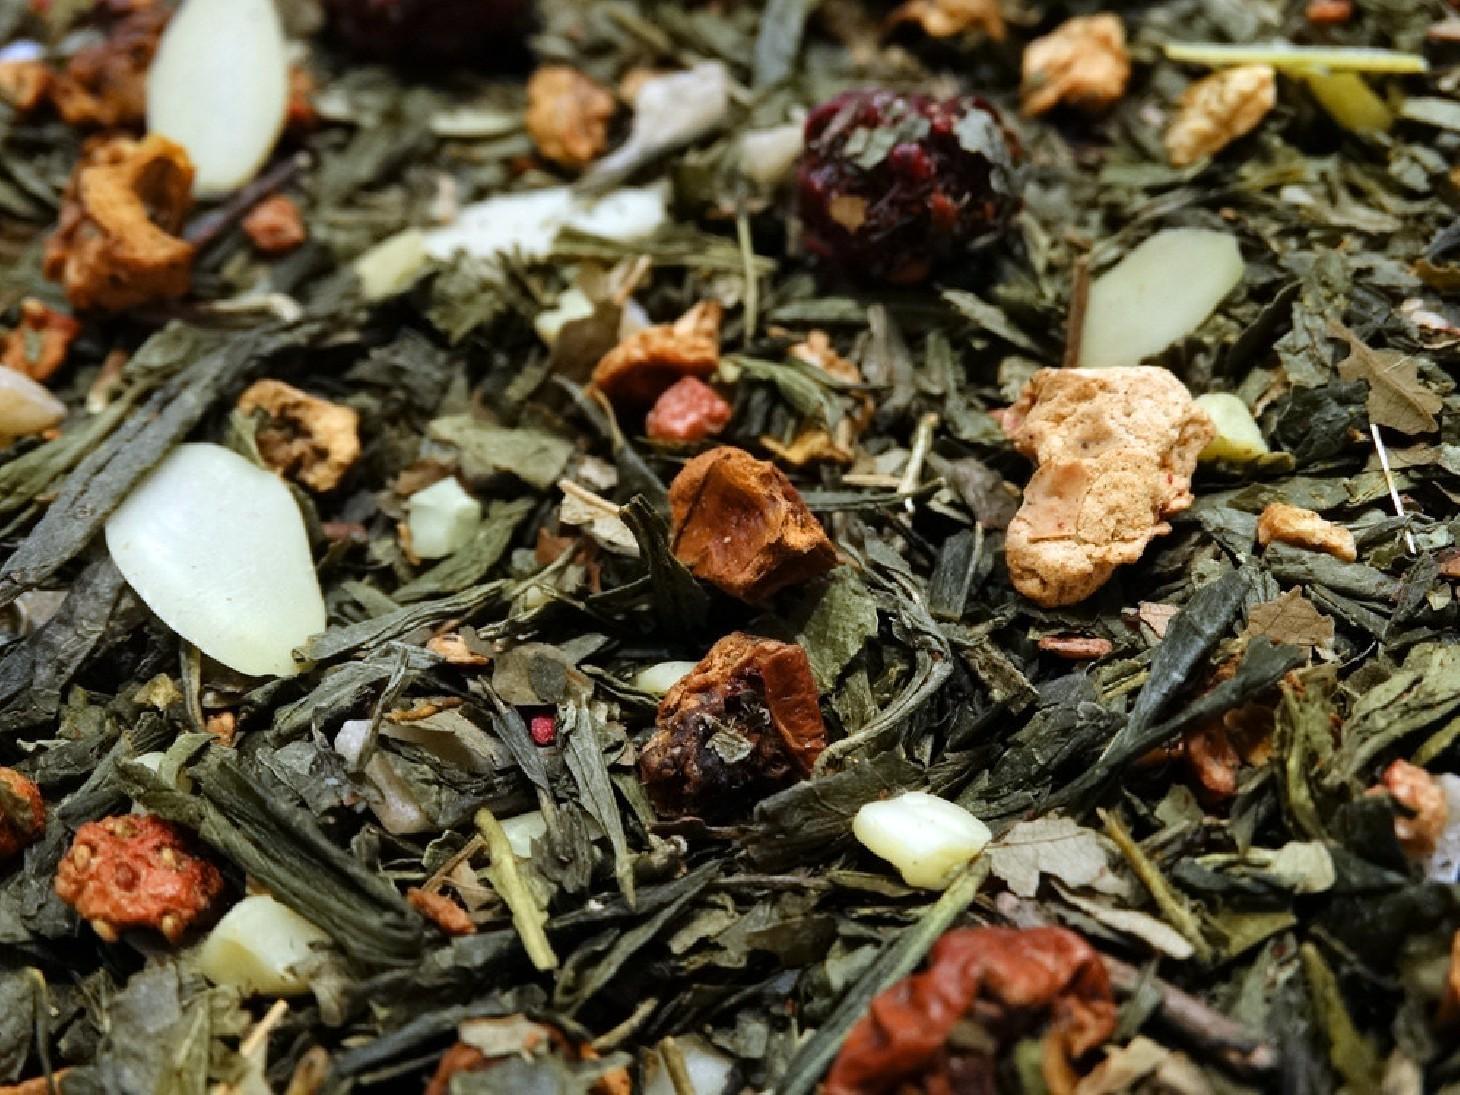 thé vert parfumé aux fruits country & bocage  france usa 6 juin 1944 débarquement hommage par Tea & Cie